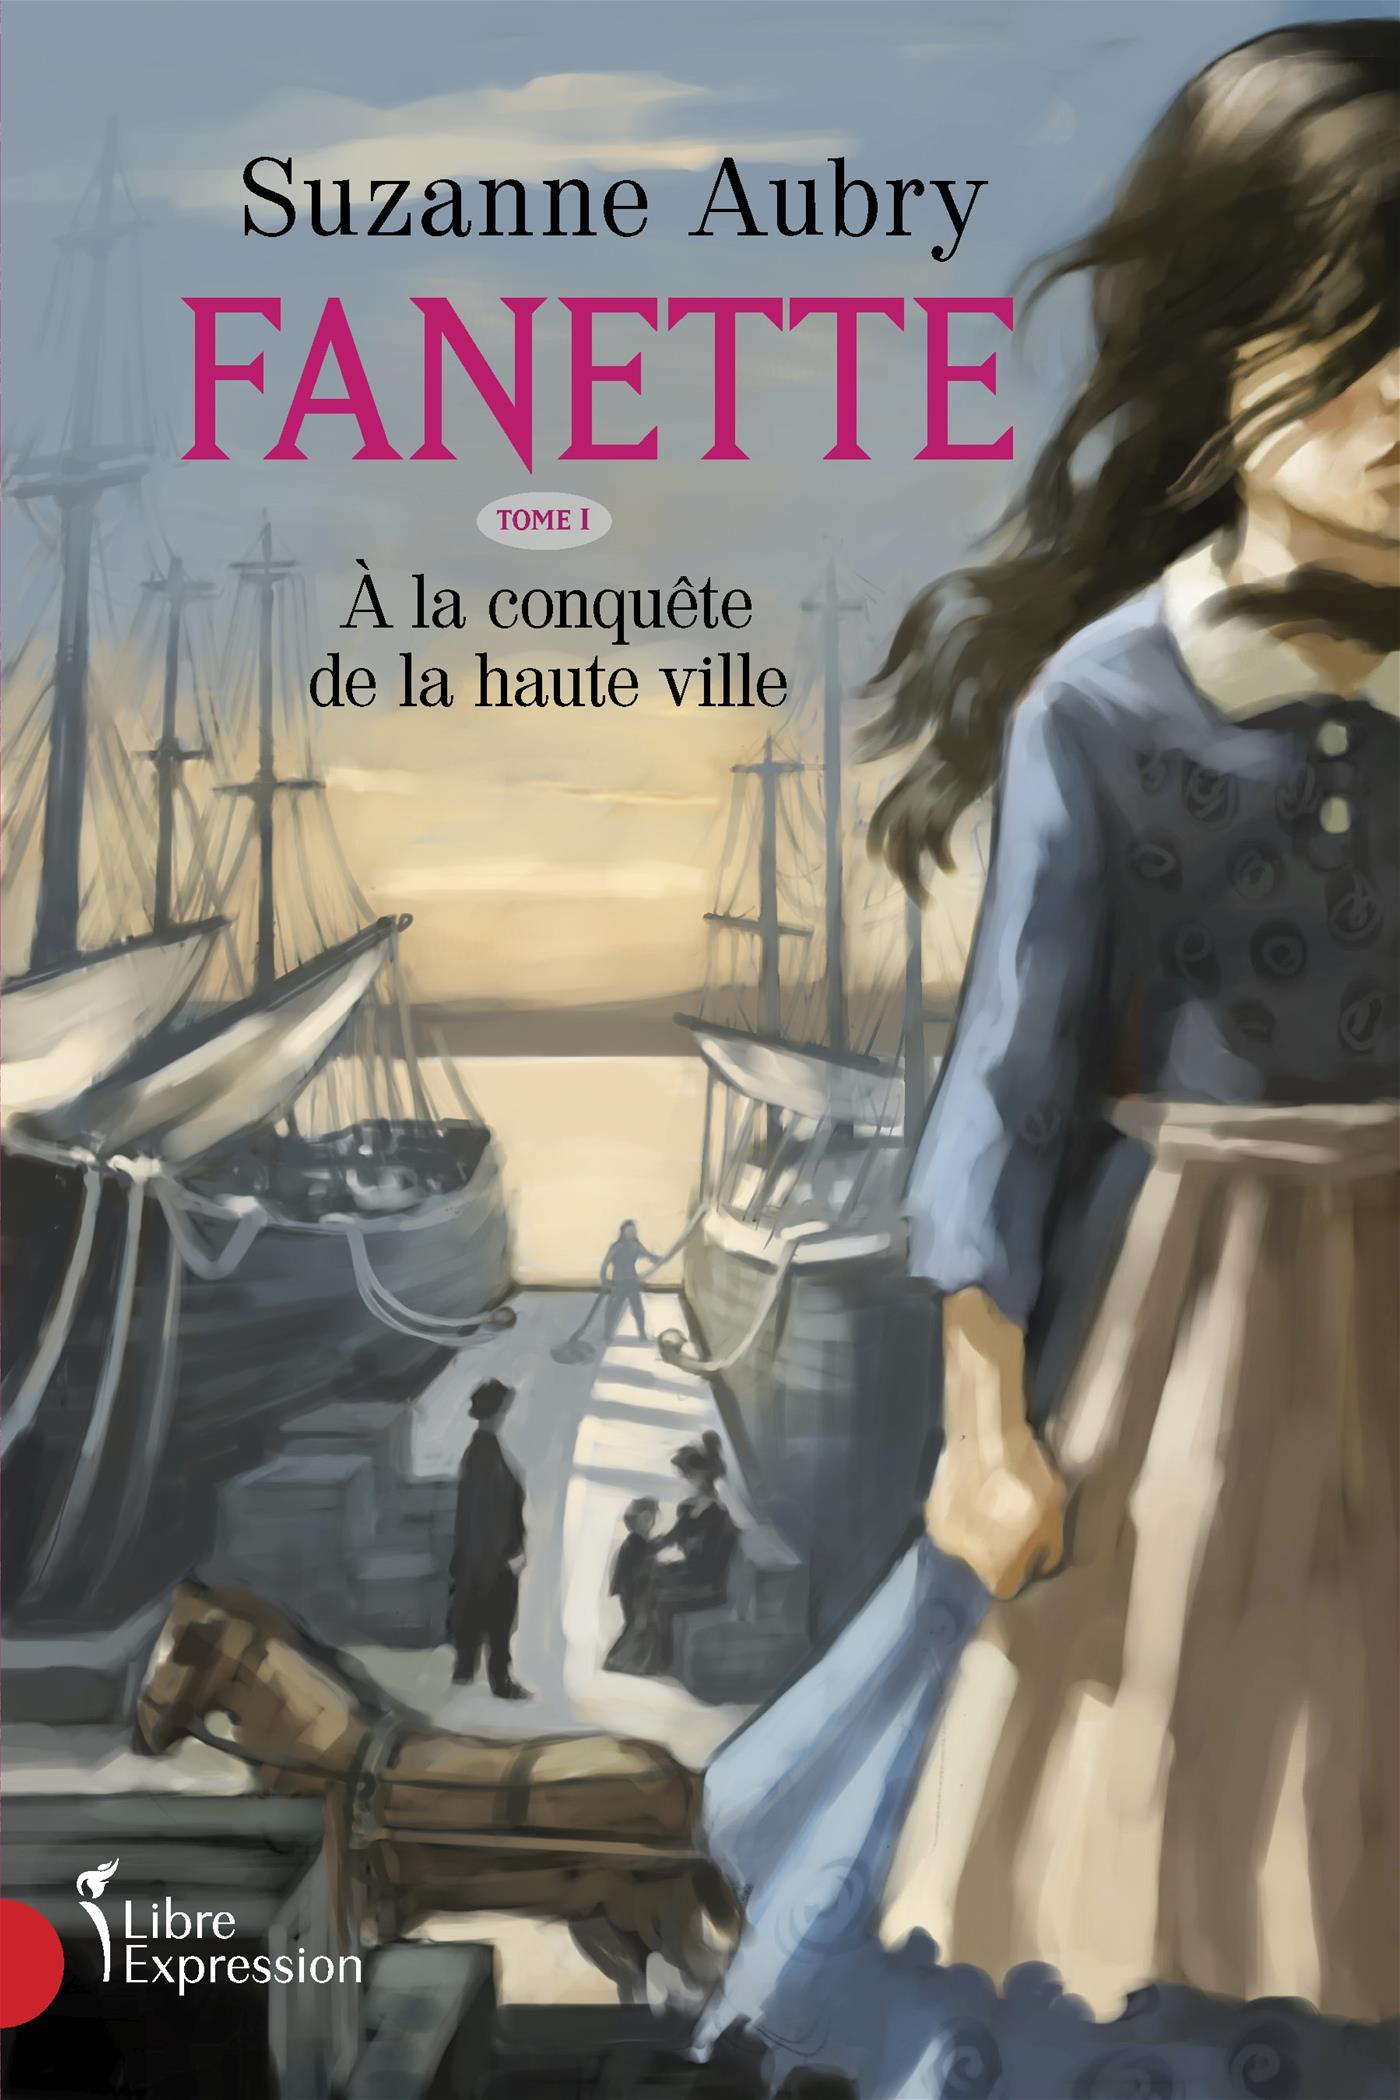 Fanette, tome 1